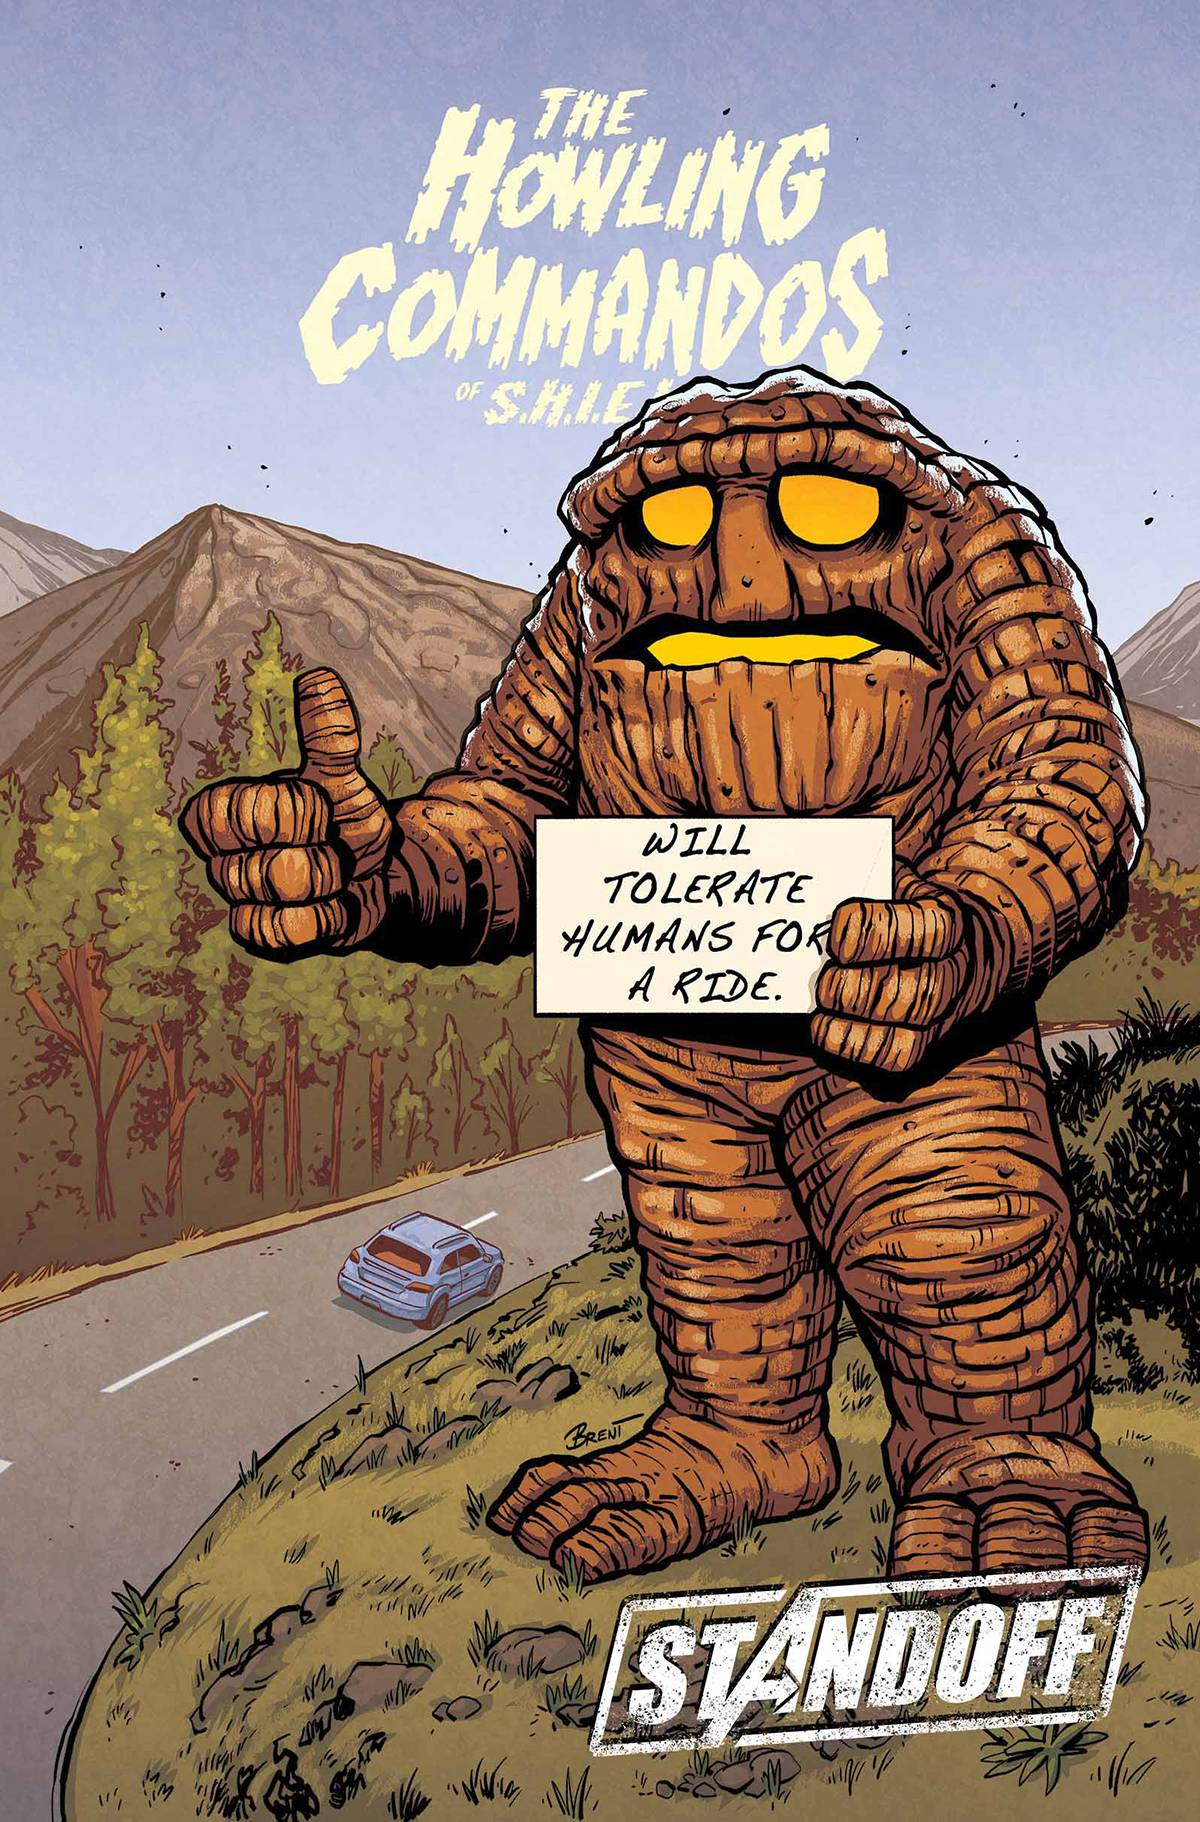 Howling Commandos of S.H.I.E.L.D. Vol 1 6 Teaser Cover.jpg